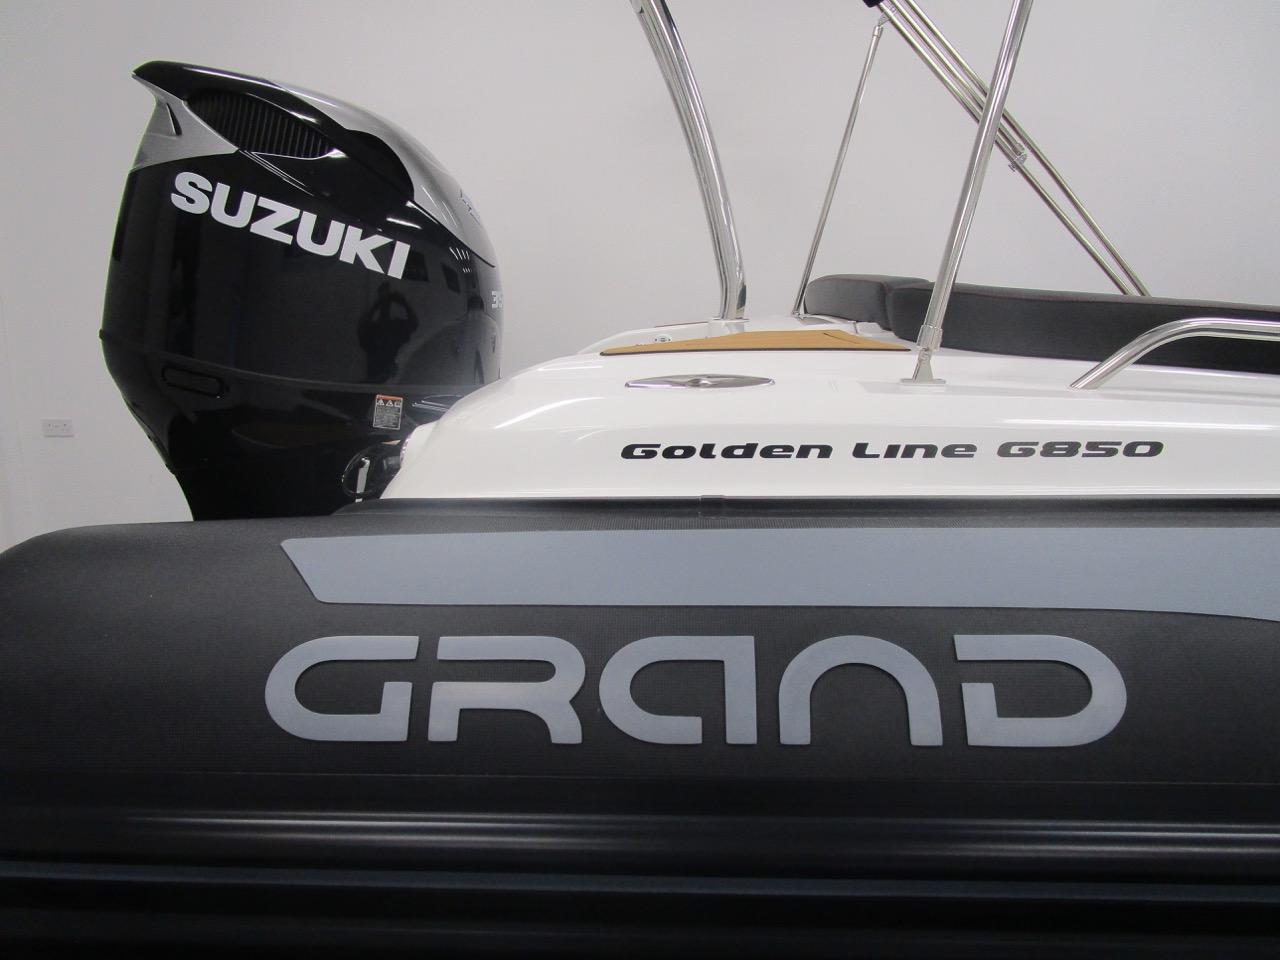 GRAND G850 RIB logo